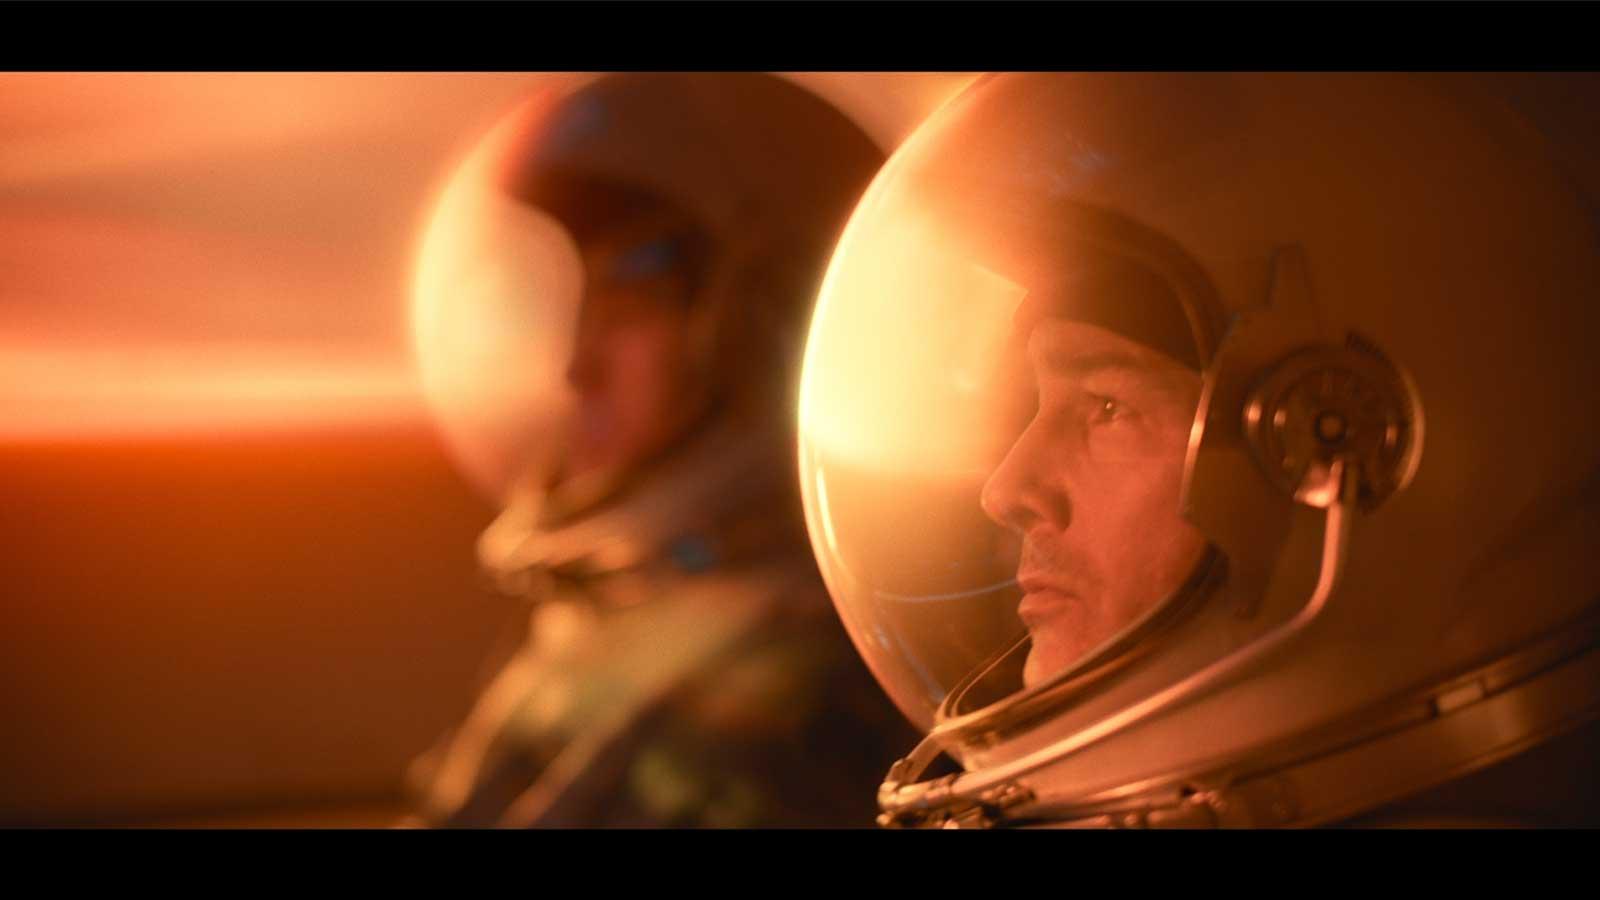 Людина, яка переглядає серіал «Опівнічне небо» від Netflix у кімнаті з домашнім кінотеатром. Видно гасло «Будь героєм»